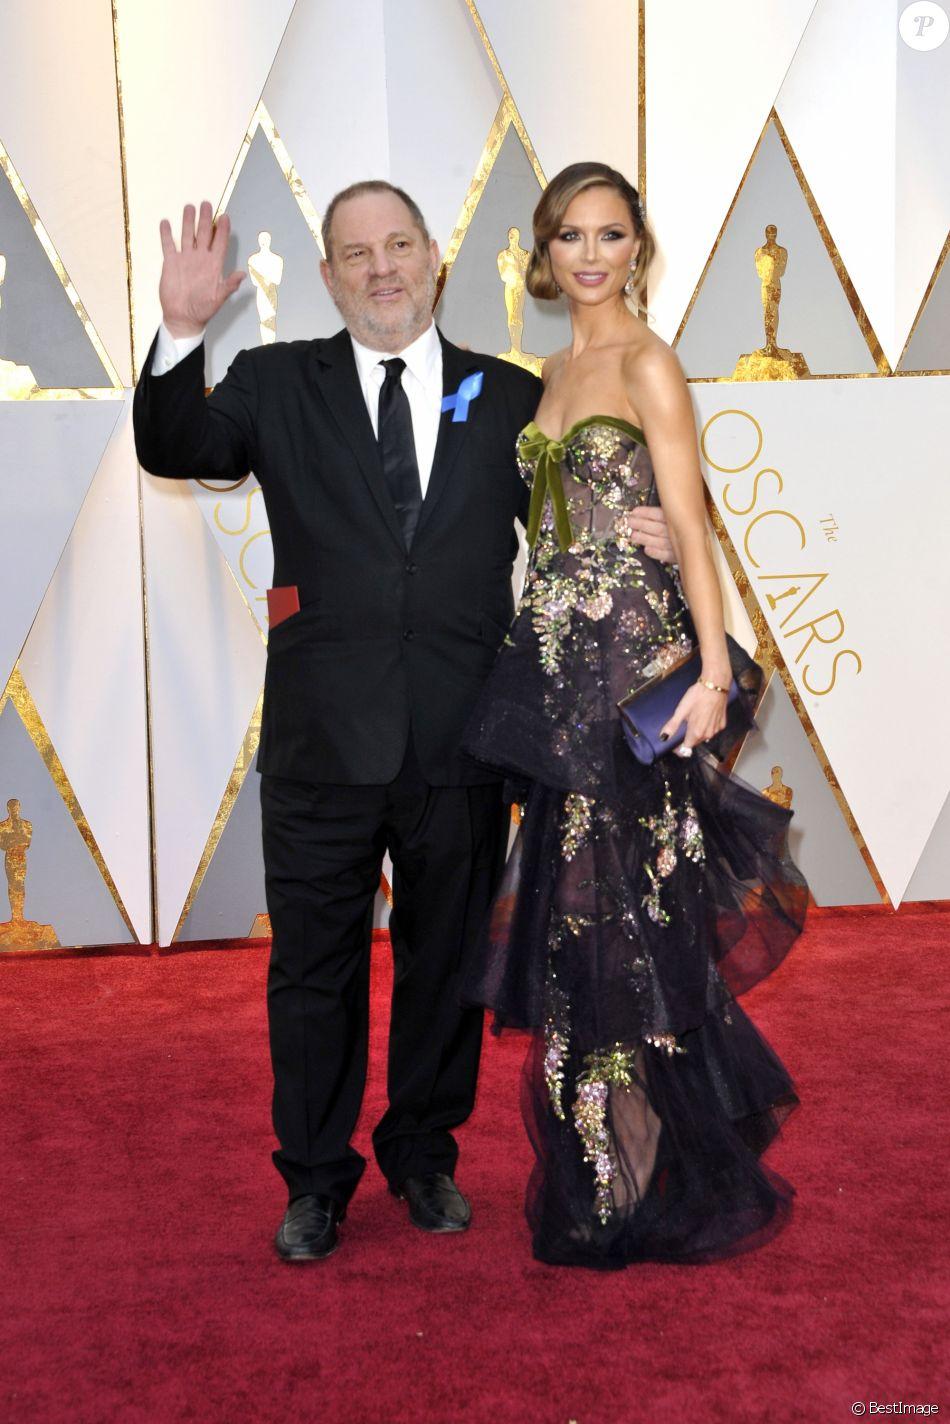 Harvey Weinstein et sa femme Georgina Chapman lors de la 89ème cérémonie des Oscars au Hollywood & Highland Center à Hollywood, le 26 février 2017. © Future-Image via ZUMA Press/Bestimage